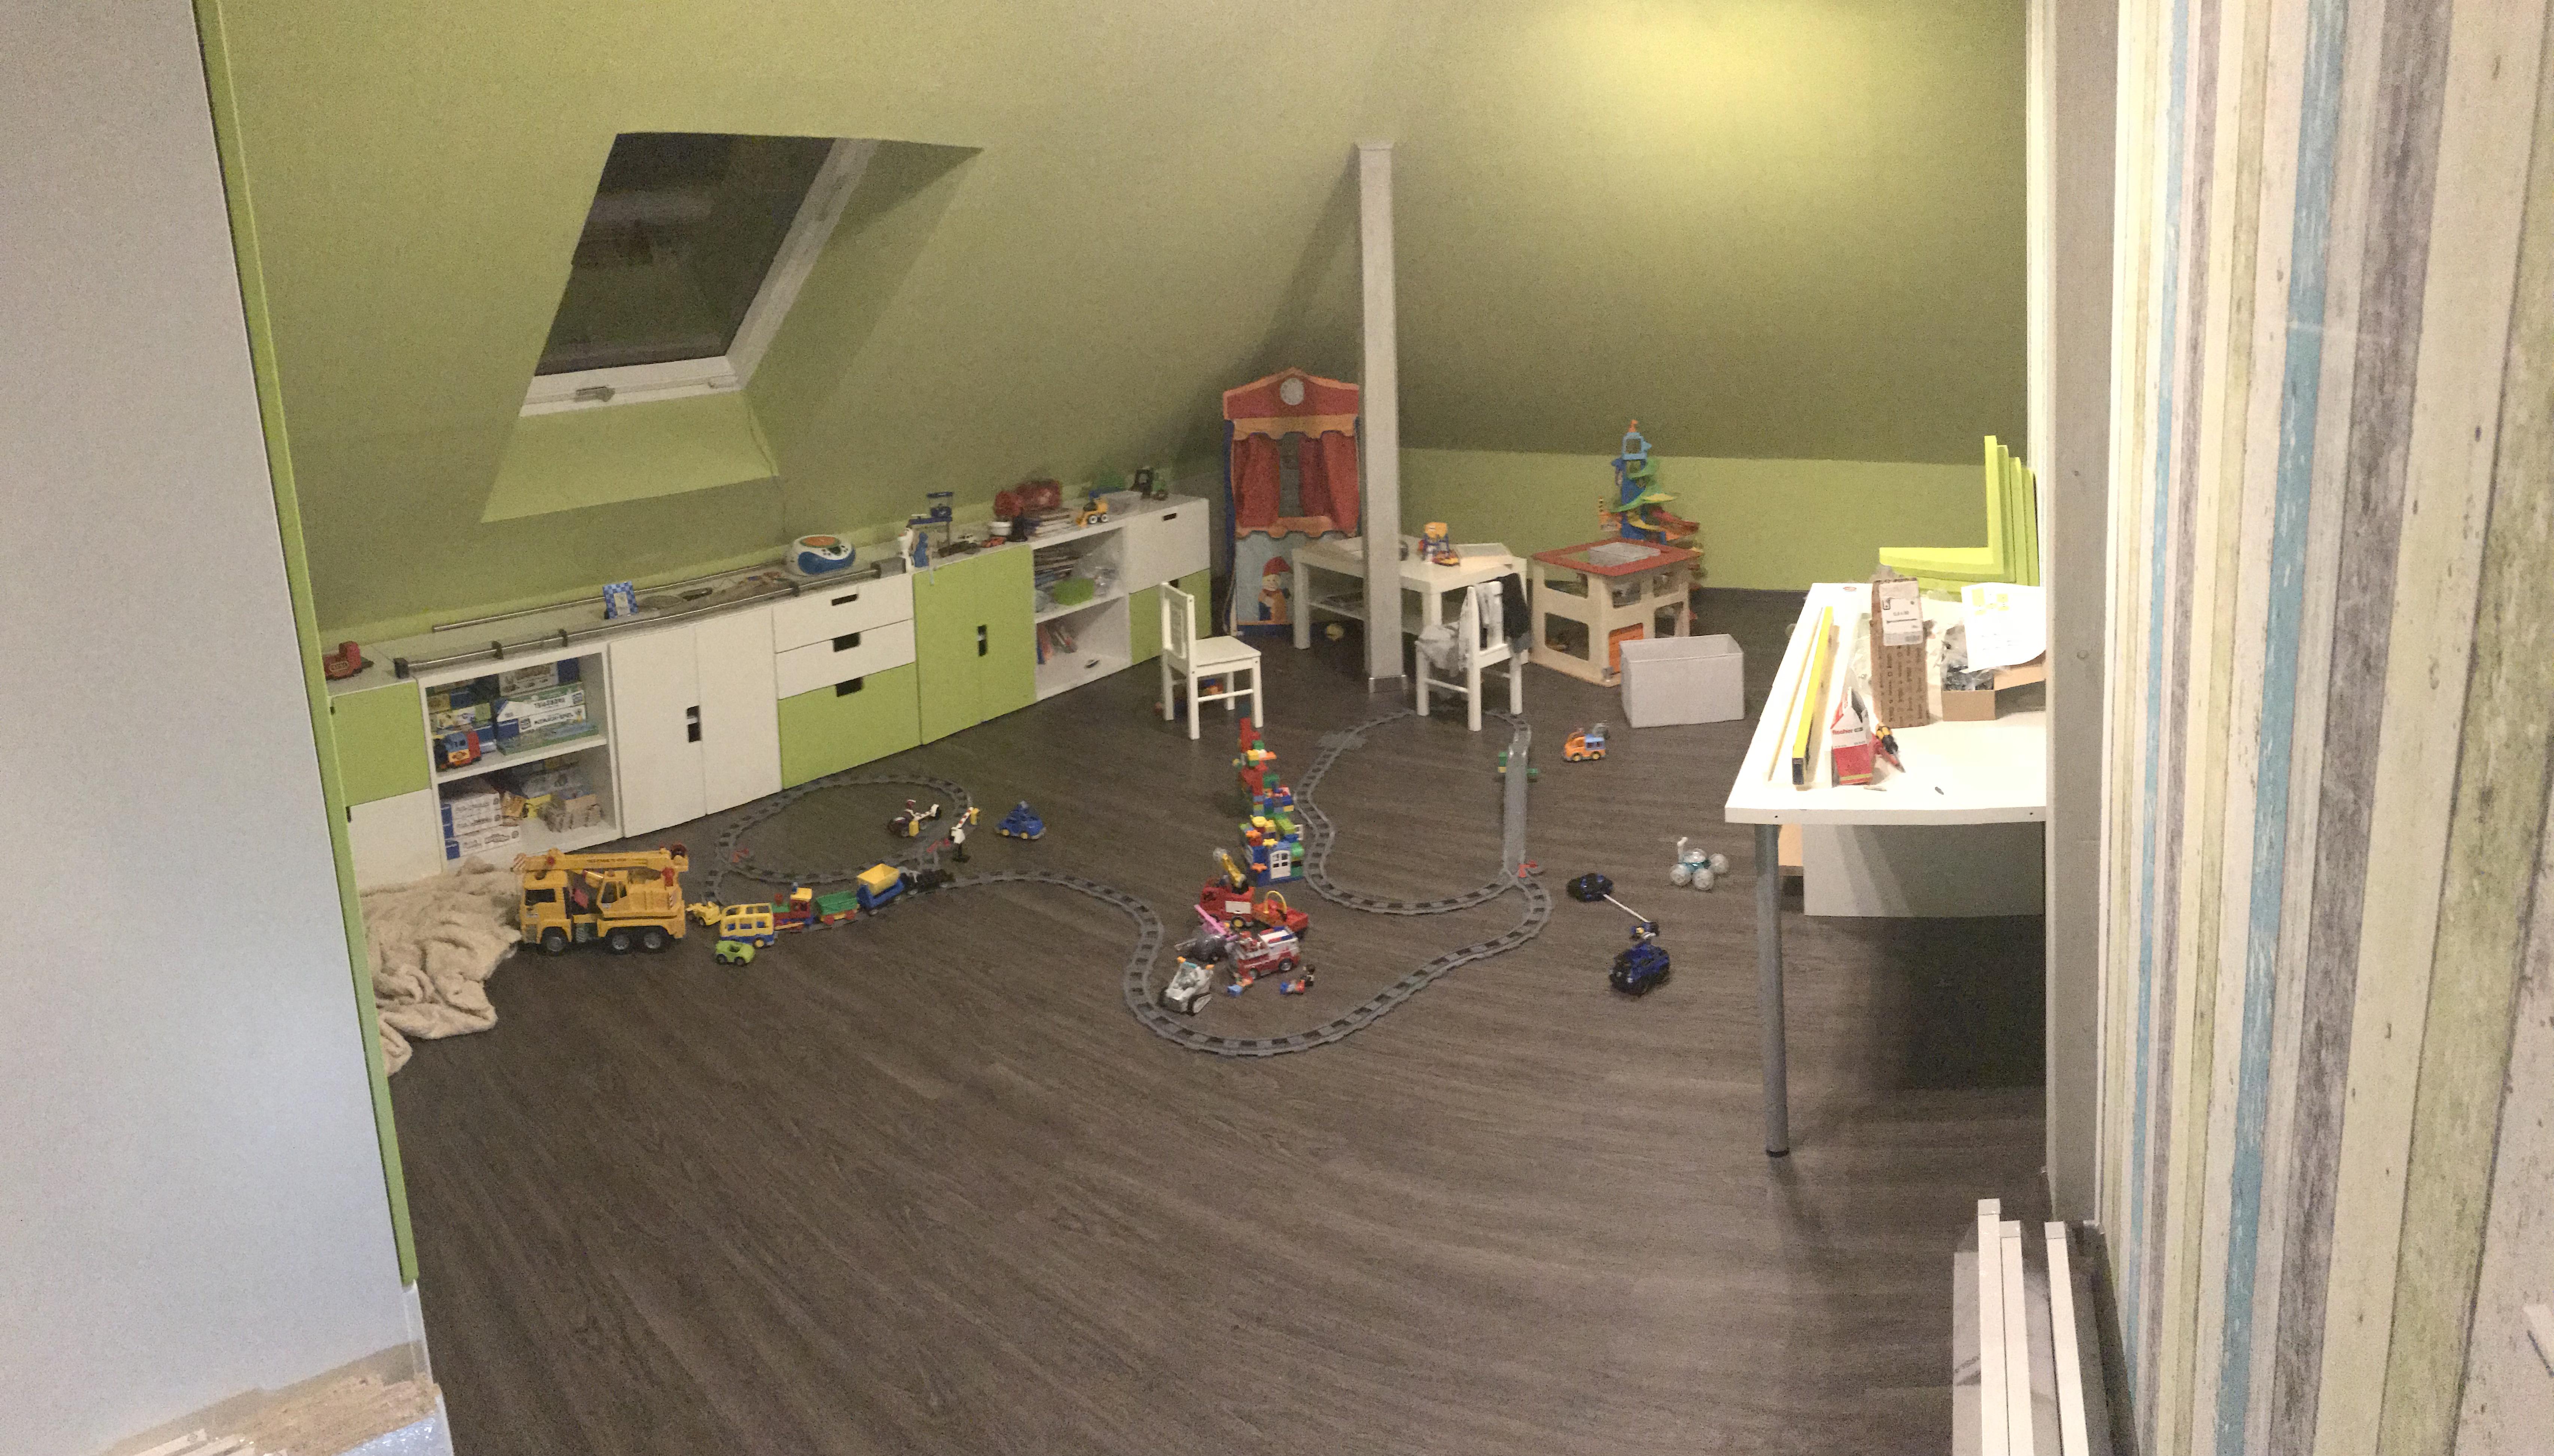 Gewaltig Dachboden Ausbauen Treppe Galerie Von Das Neue Kinderzimmer, Welches Sich Hinter Der